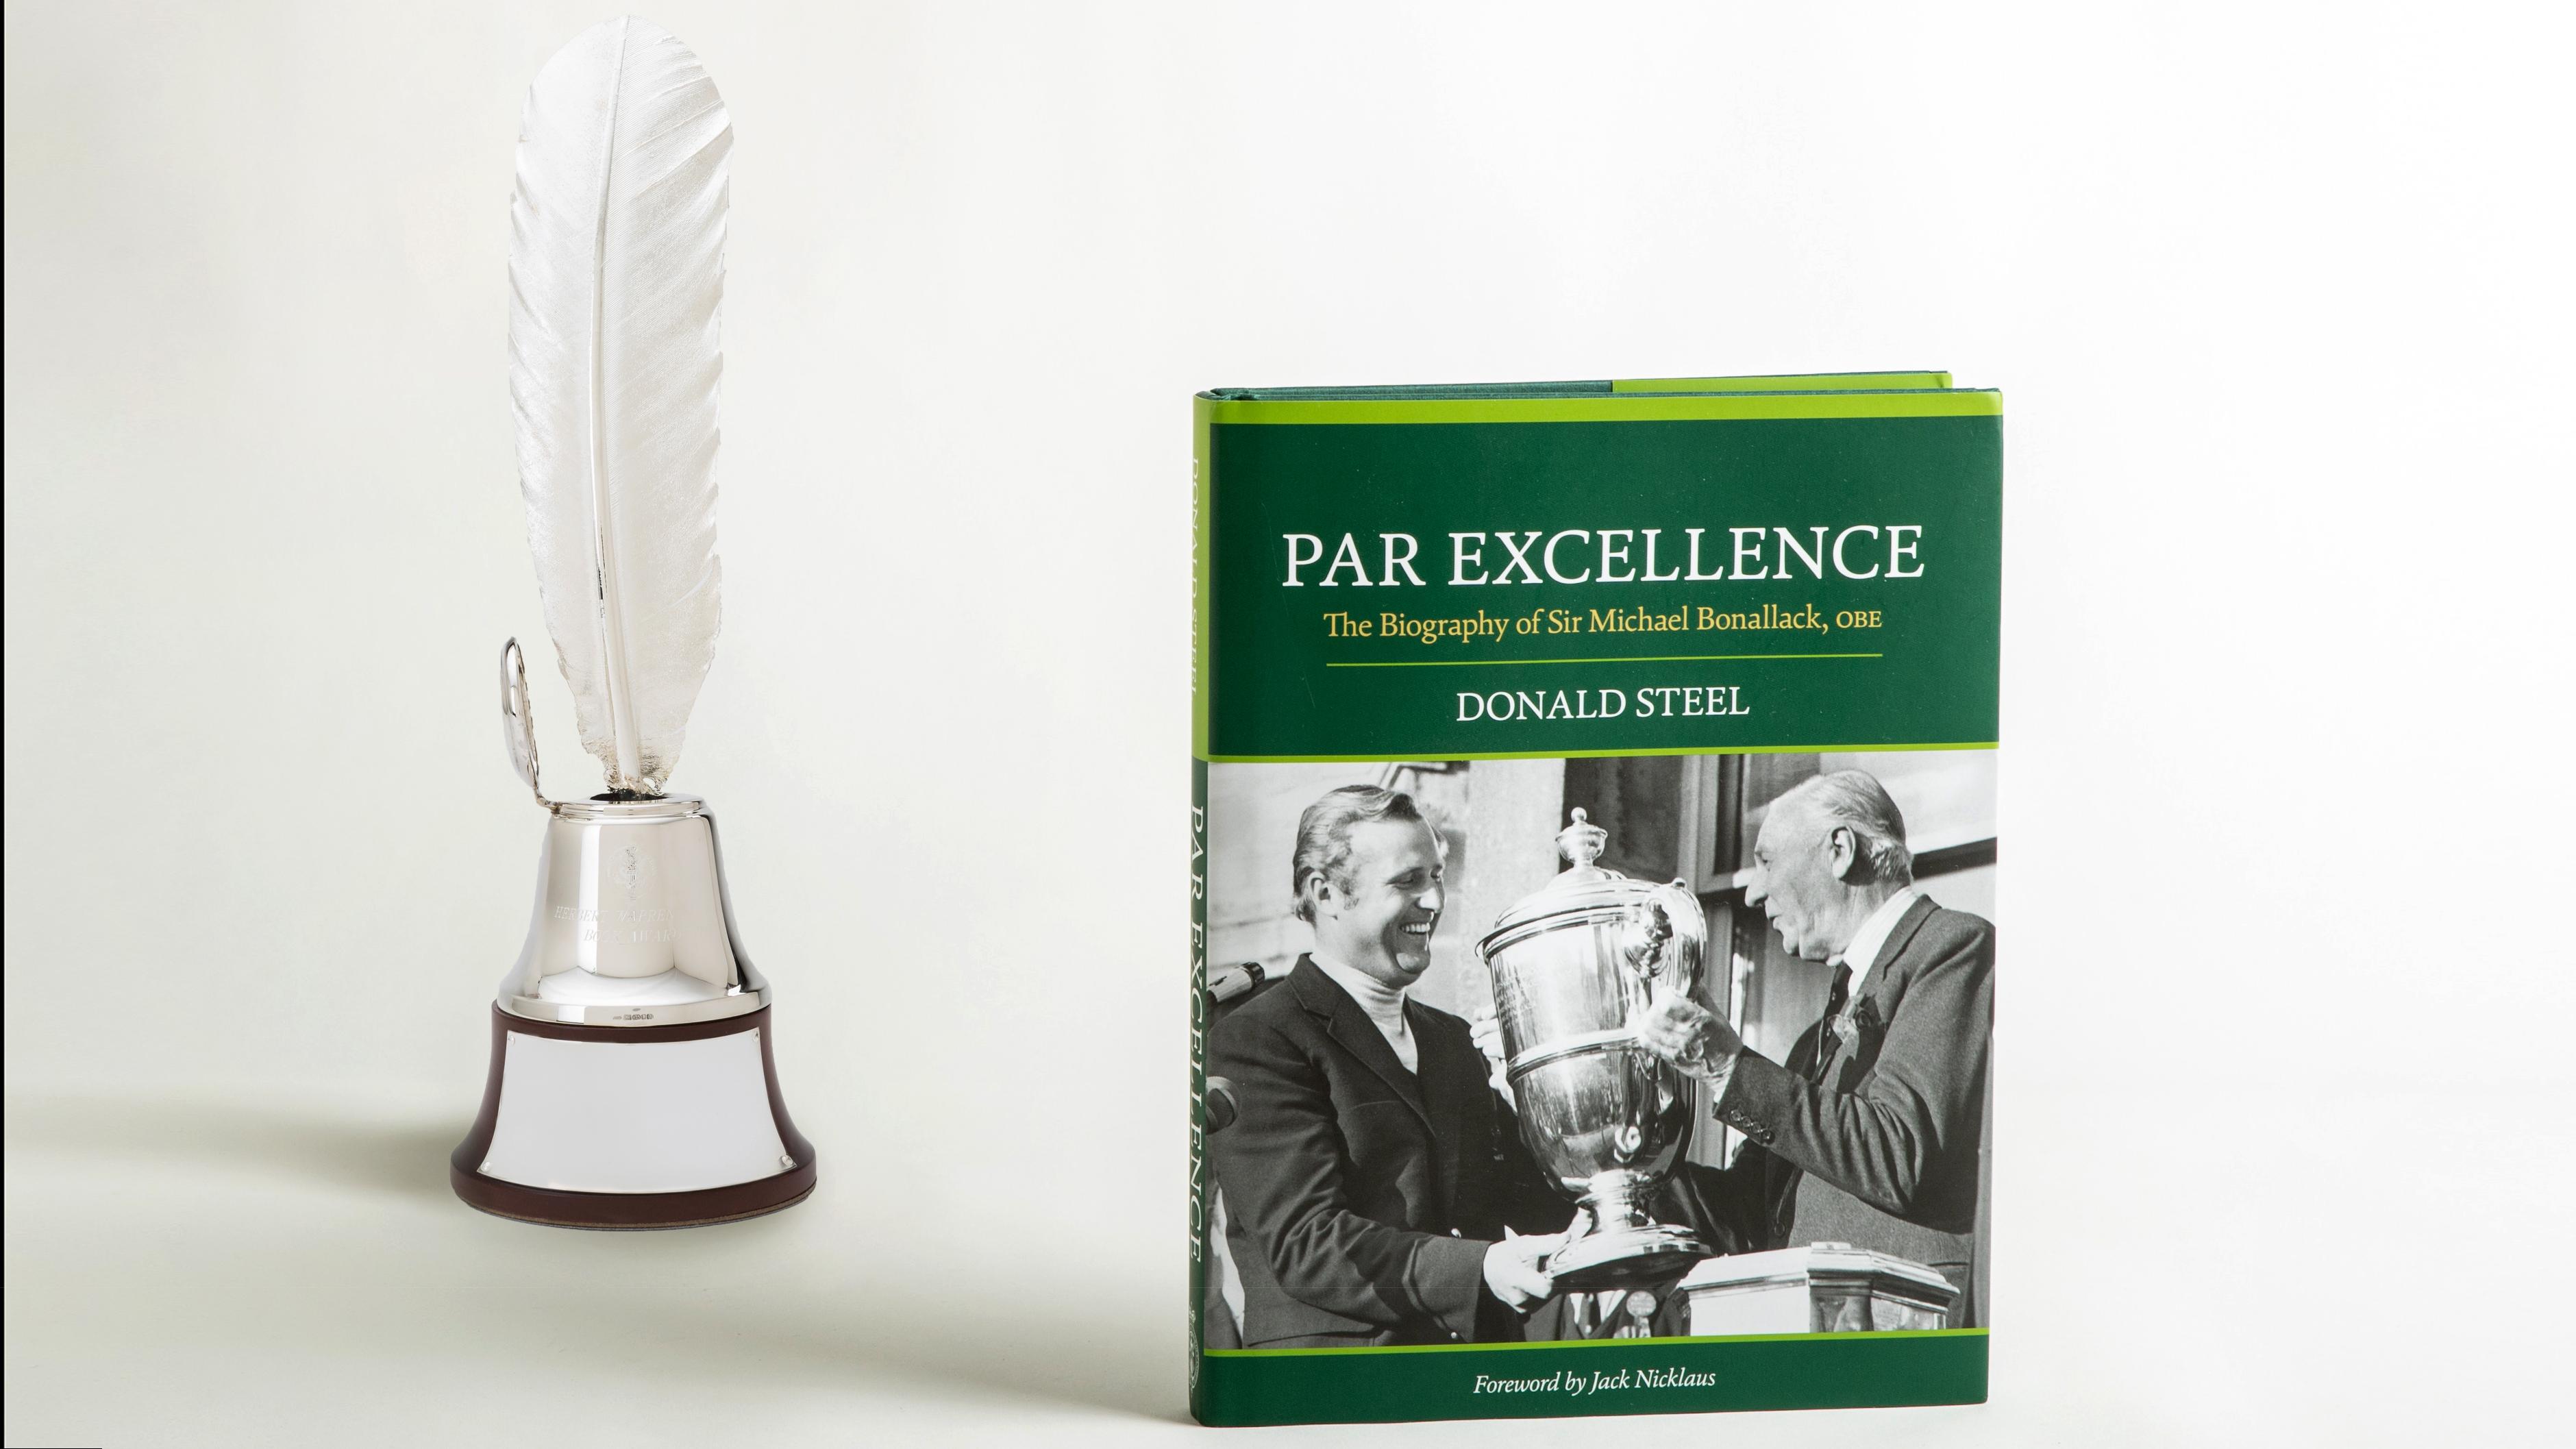 Biography of Sir Michael Bonallack Honored as Book Award Winner